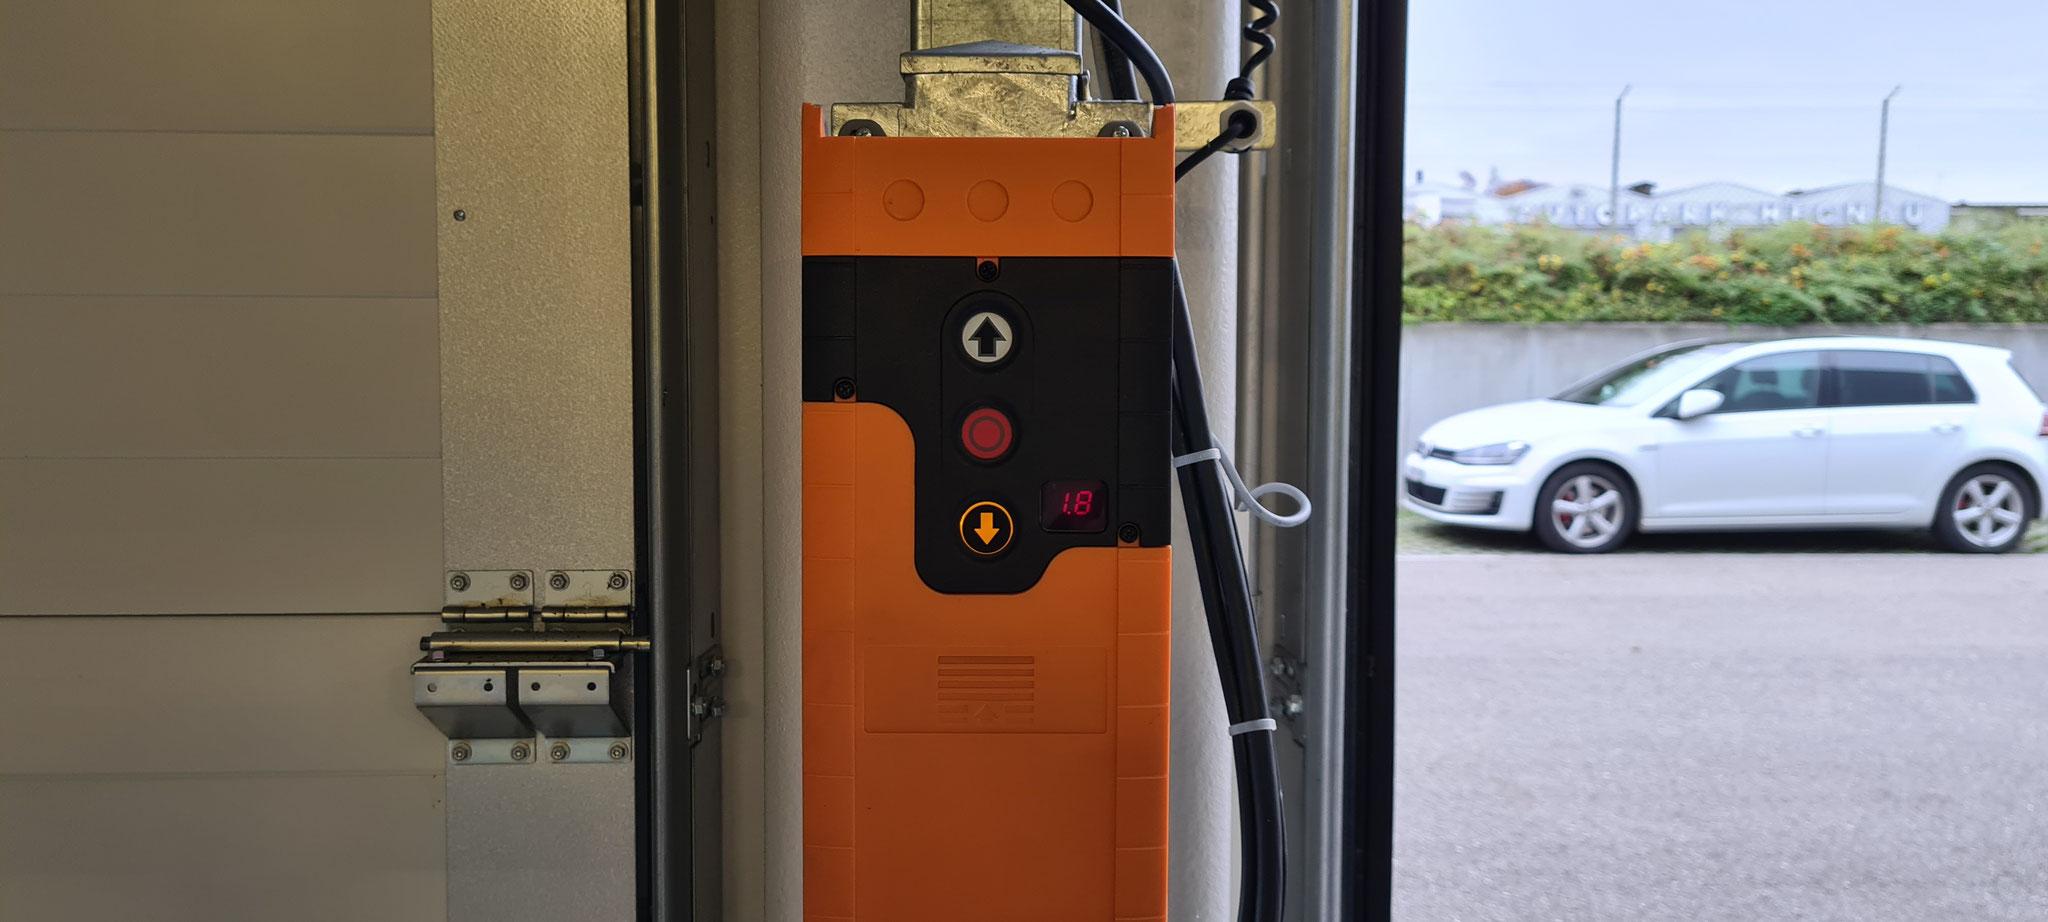 Automatische Türöffnung/-schliessung